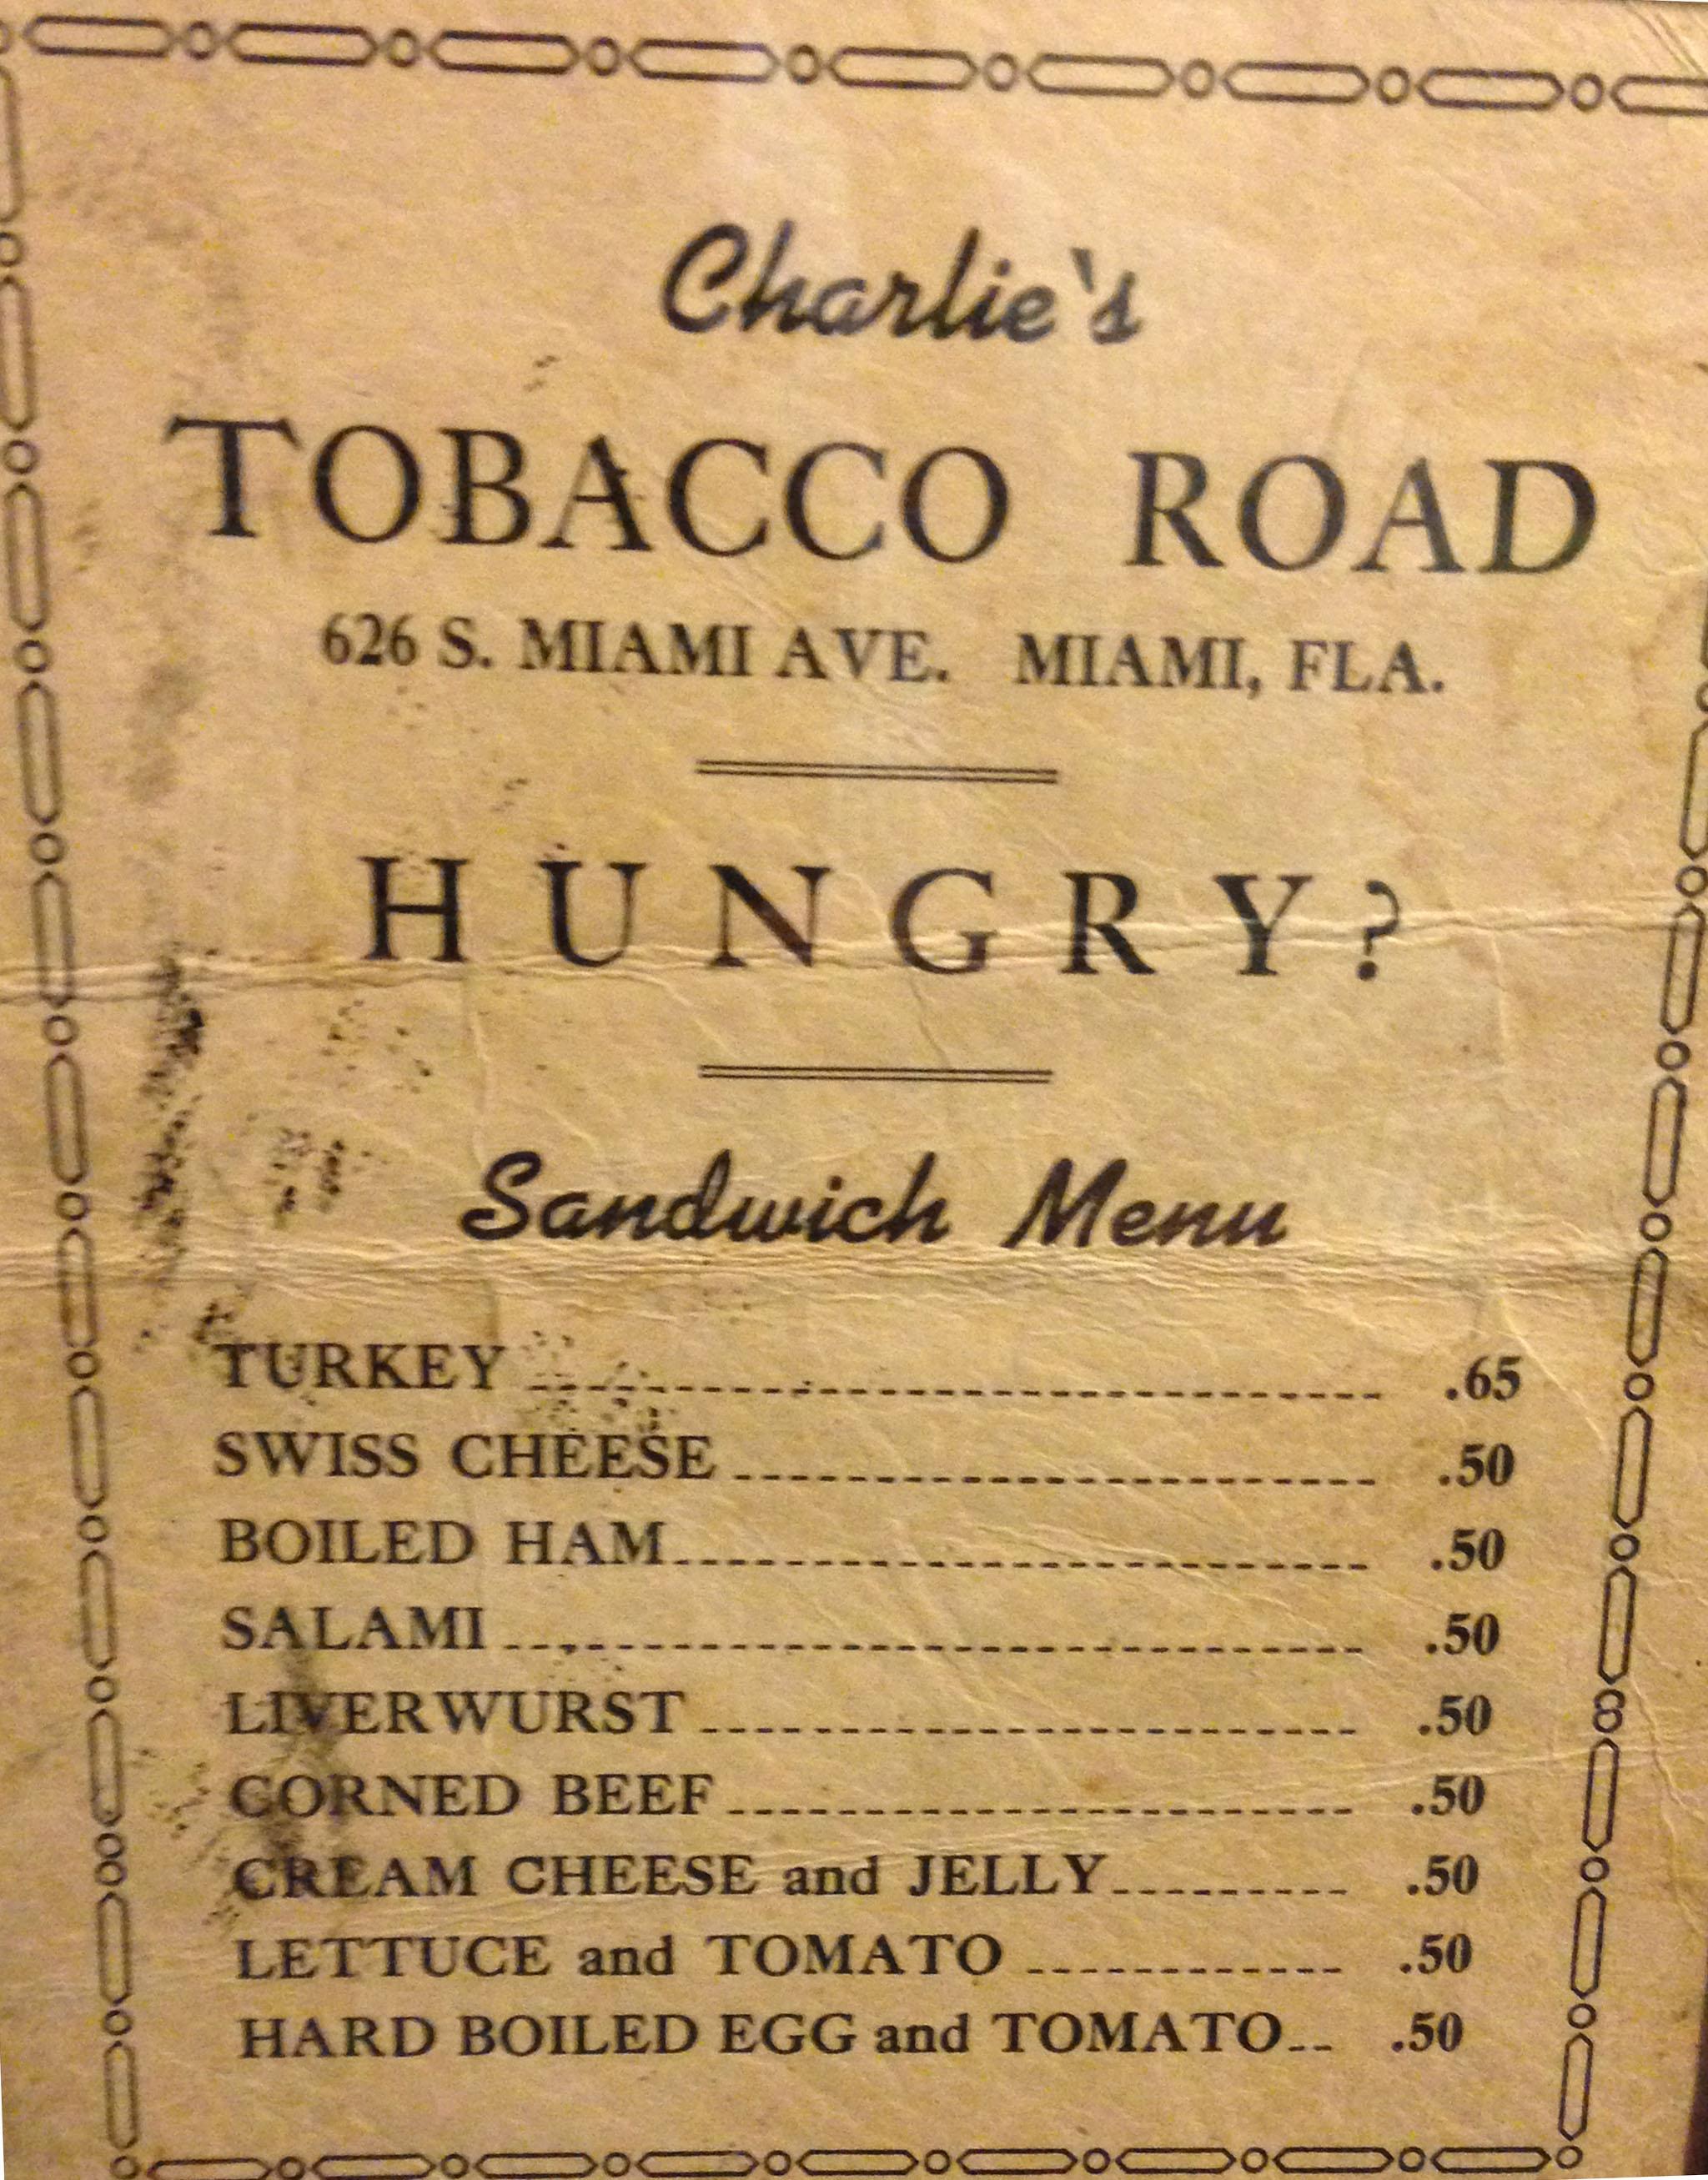 1944-TobaccoRoadMenu